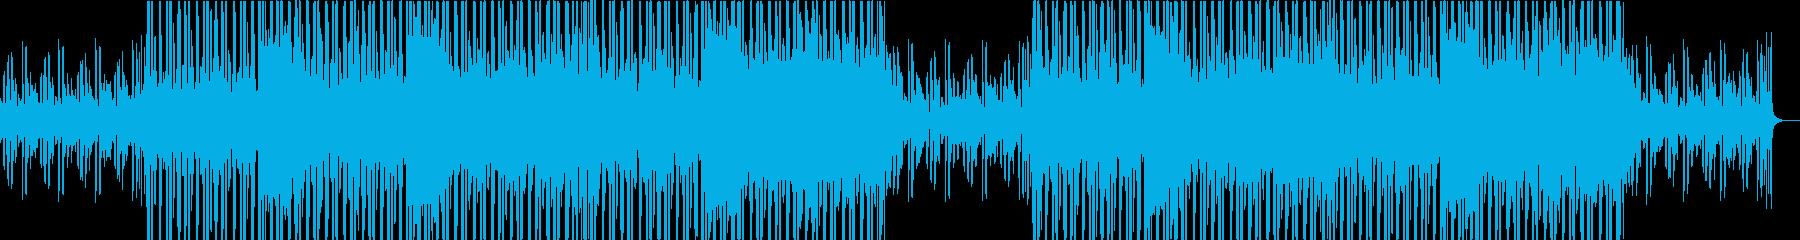 現代的なピアノとオリエンタルなエレクトロの再生済みの波形